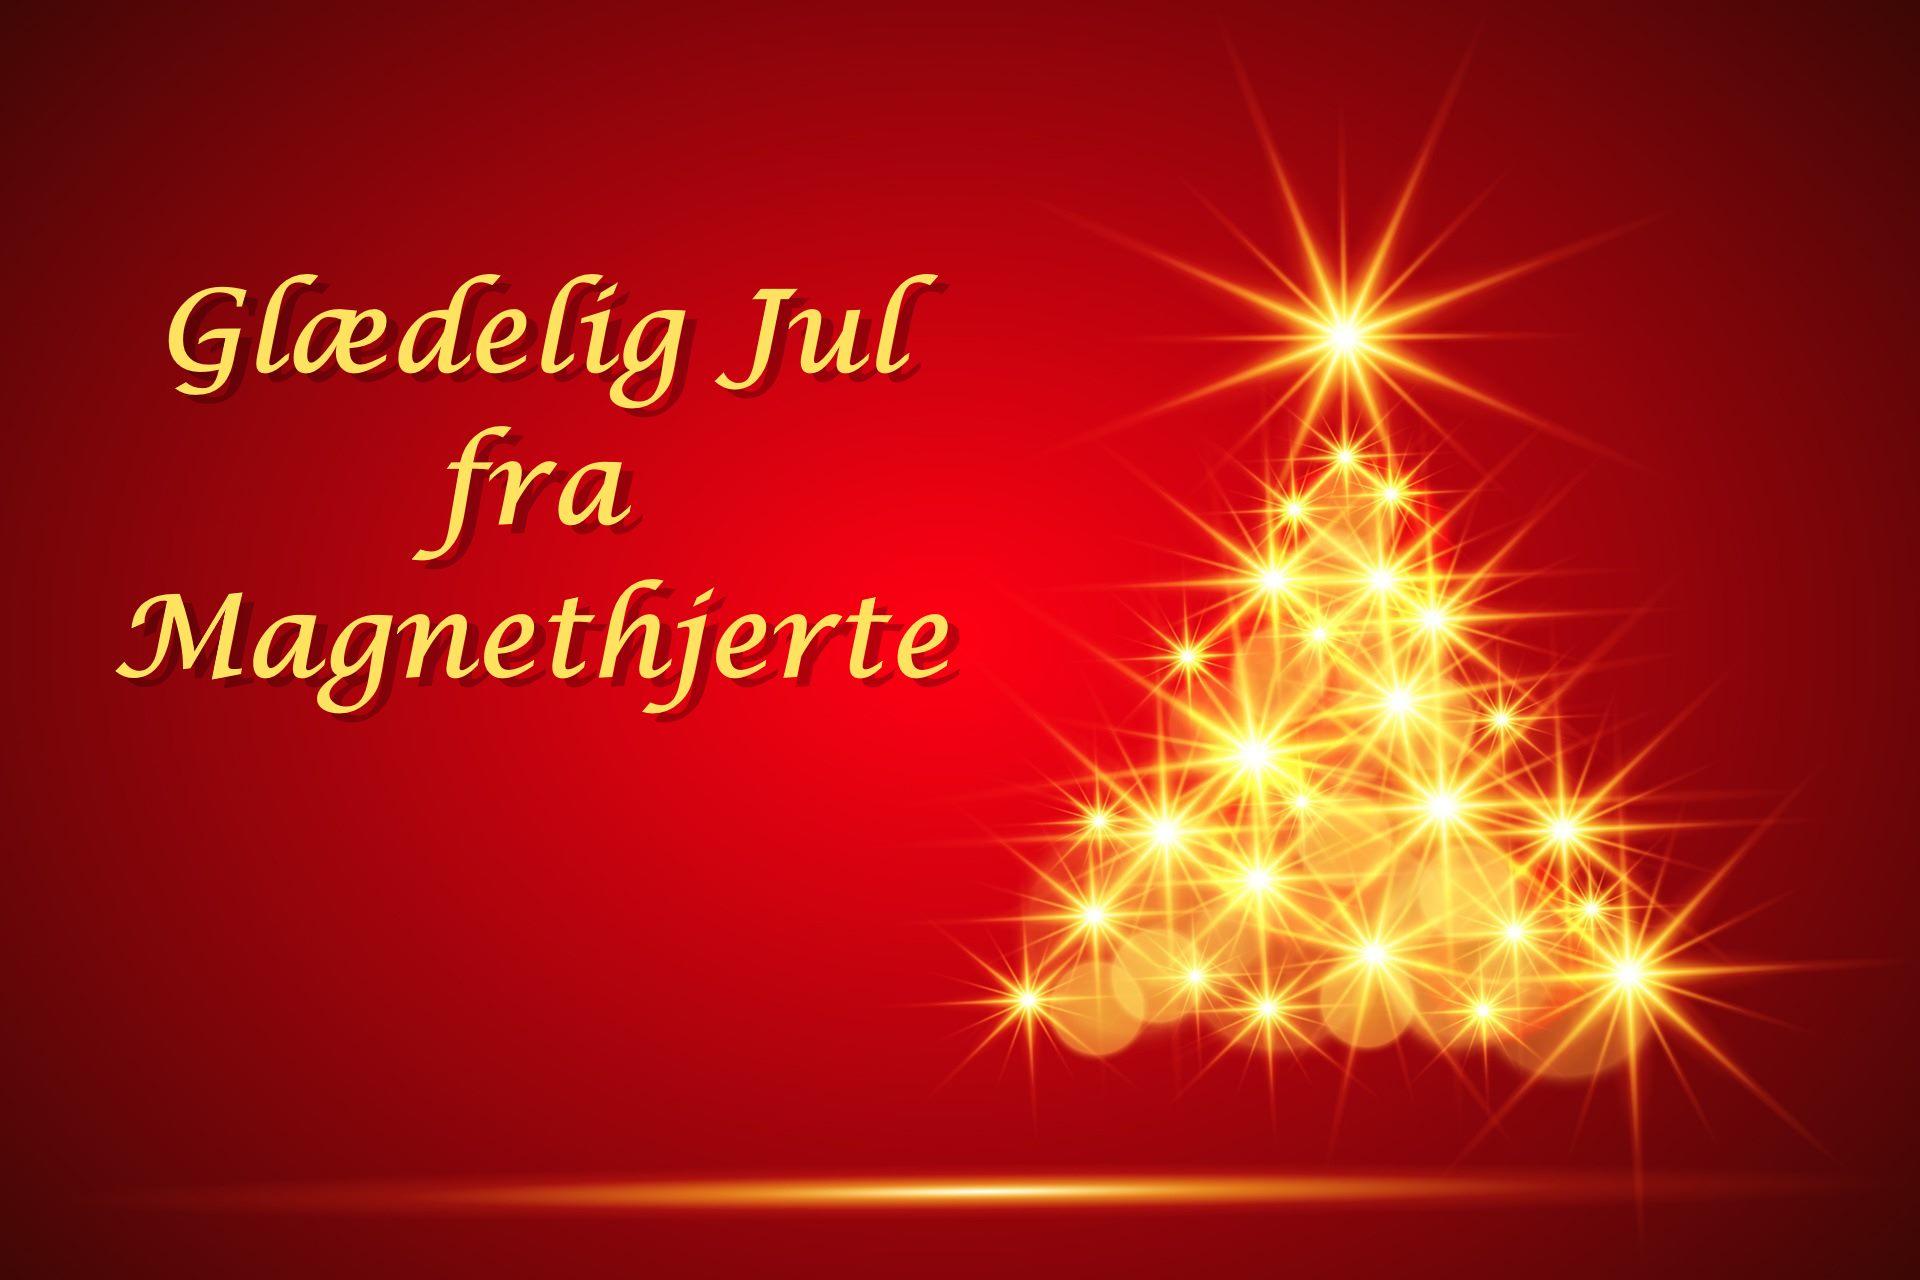 Glædelig Jul fra Magnethjerte